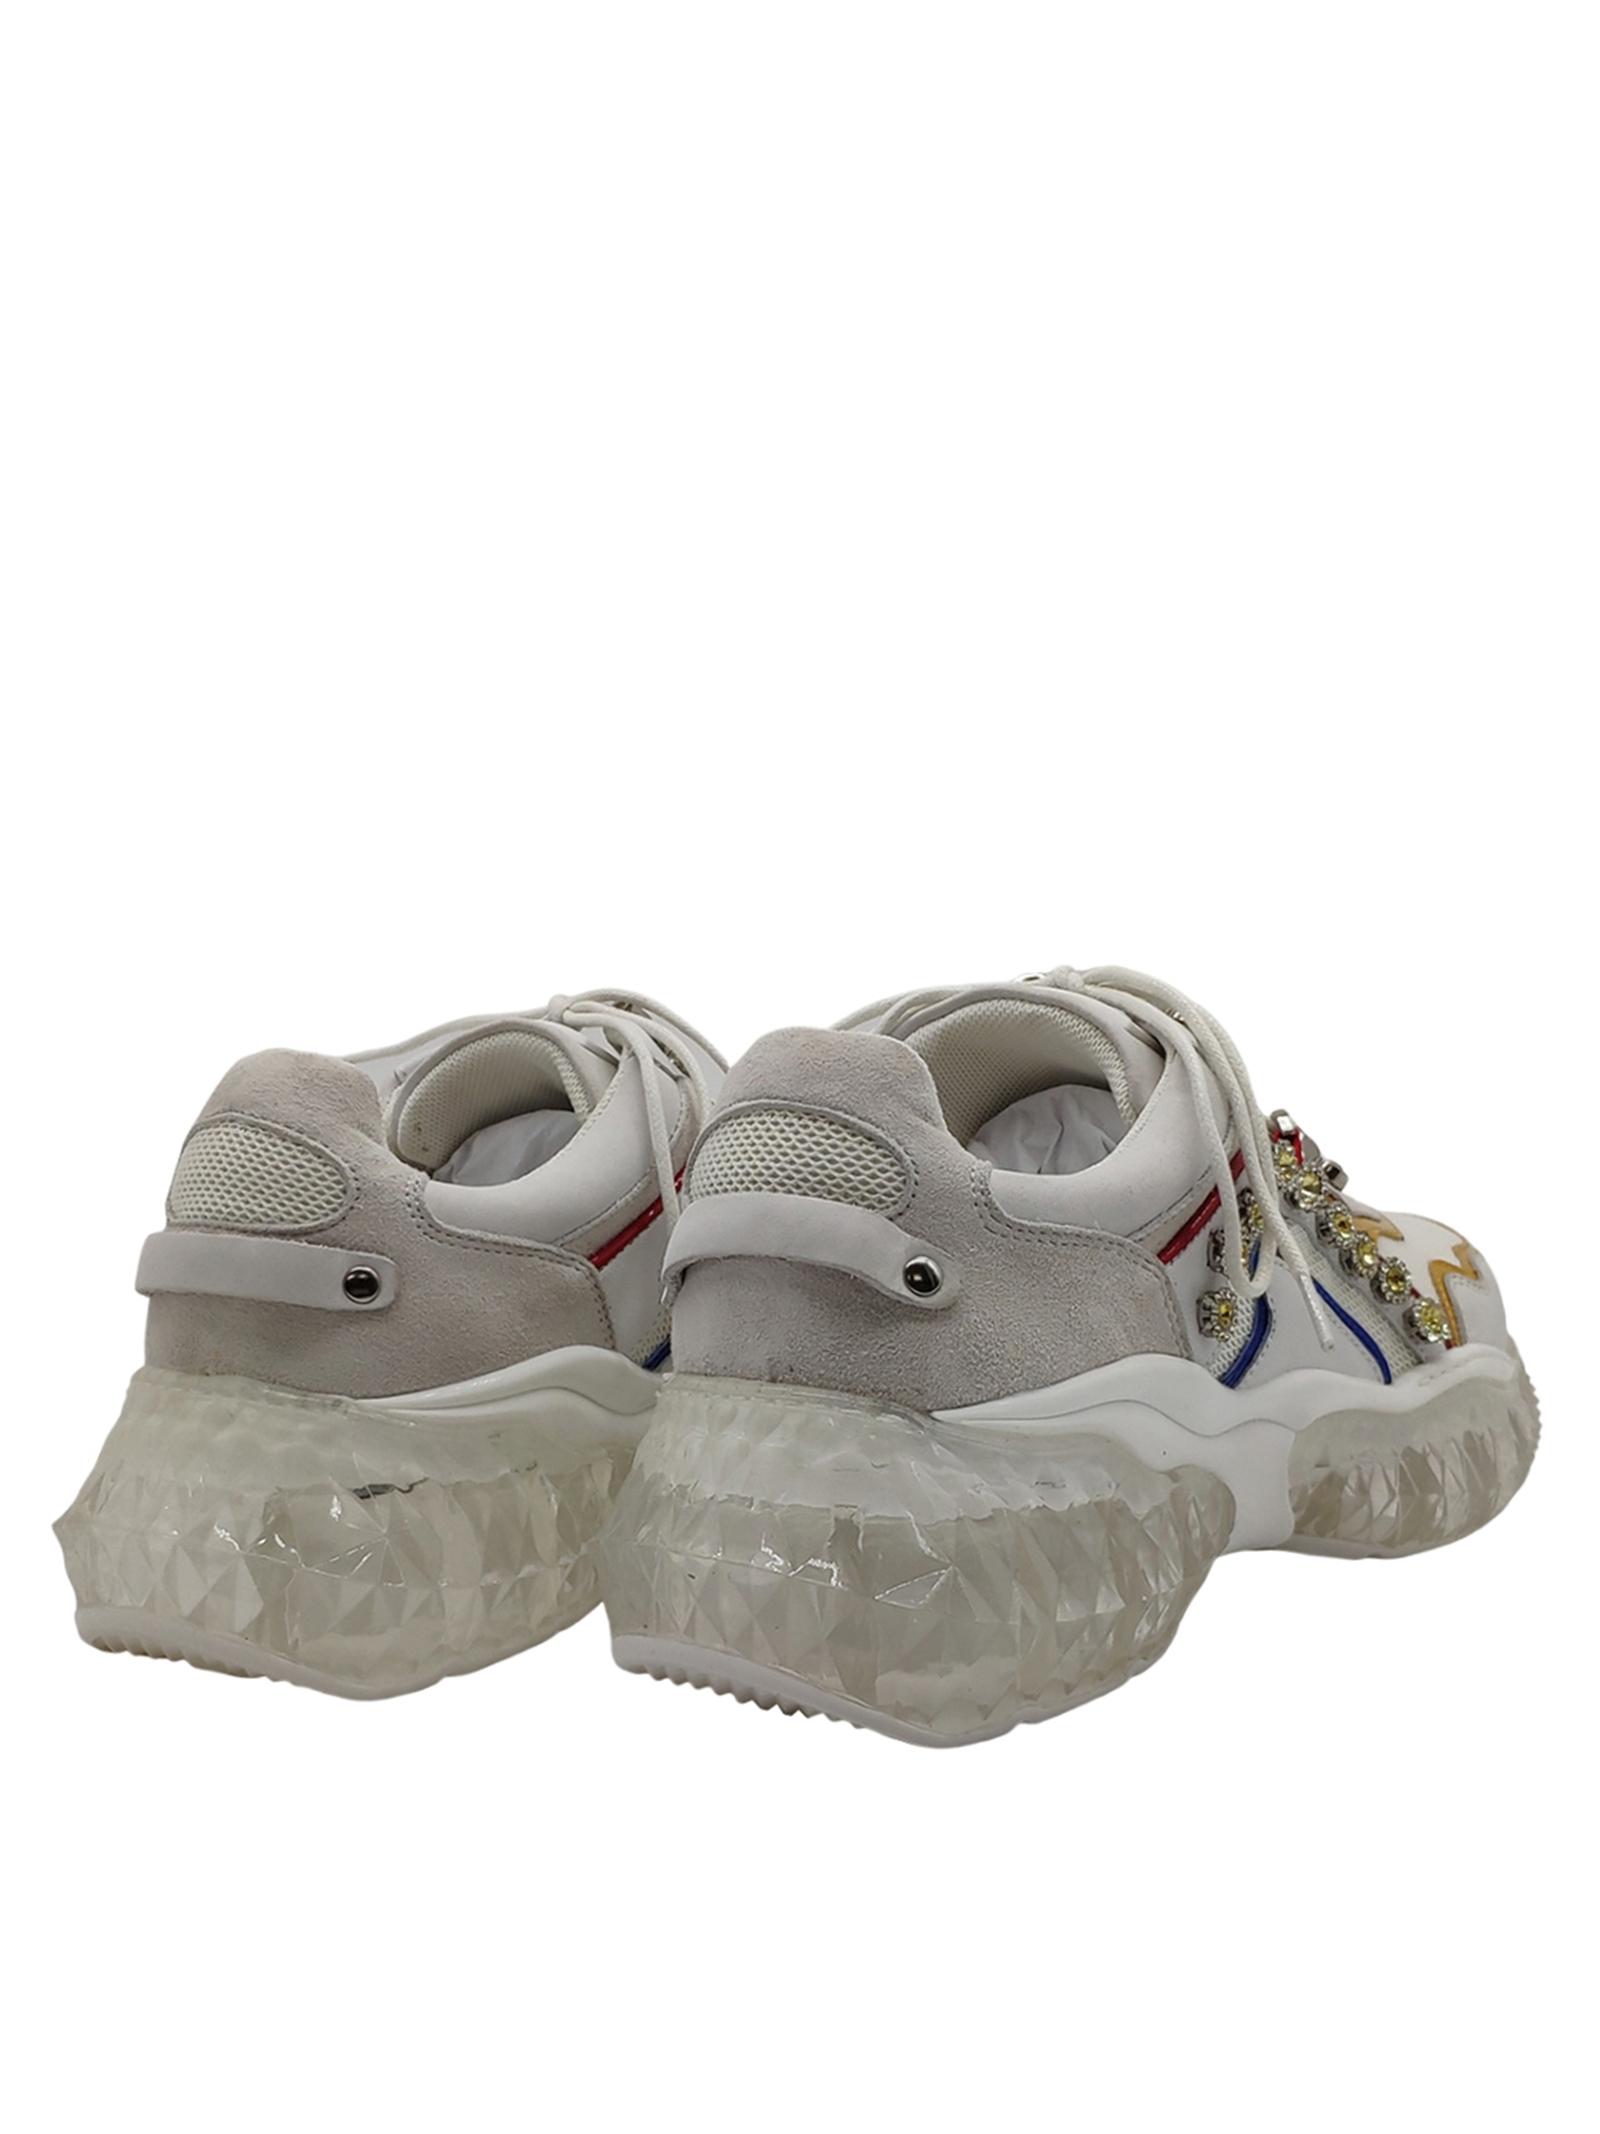 Calzature Donna Sneakers in Pelle Bianca con Borchie e Strass Fondo Diamond Lola Cruz | Sneakers | 452Z88PTBIANCO